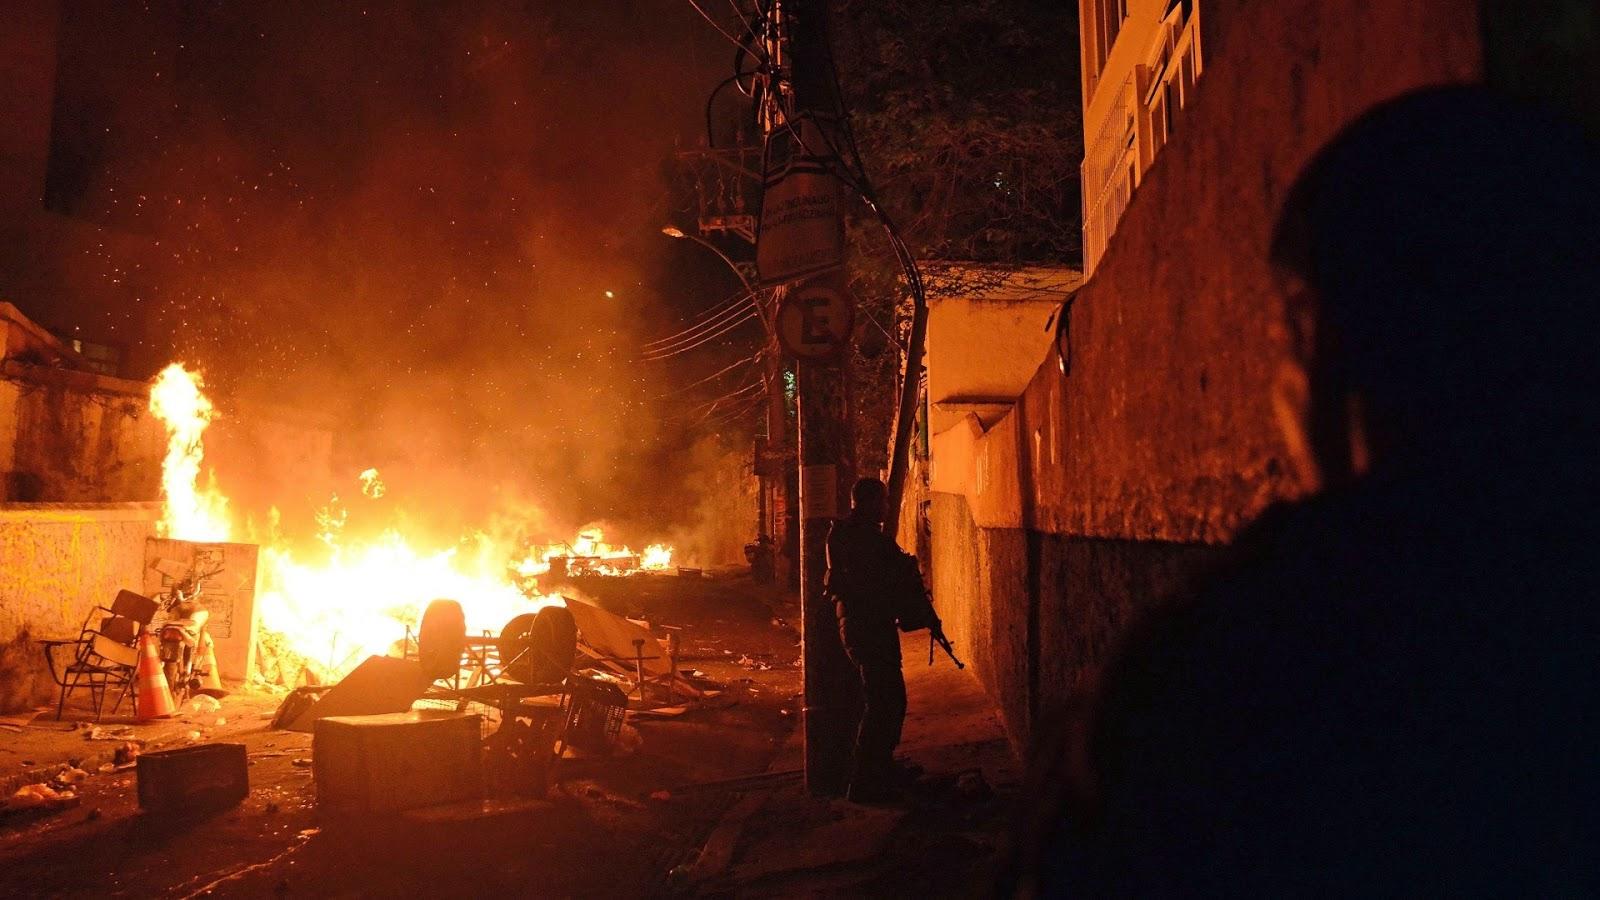 Rio em chamas crítica - Protestos Brasil 2013/2014